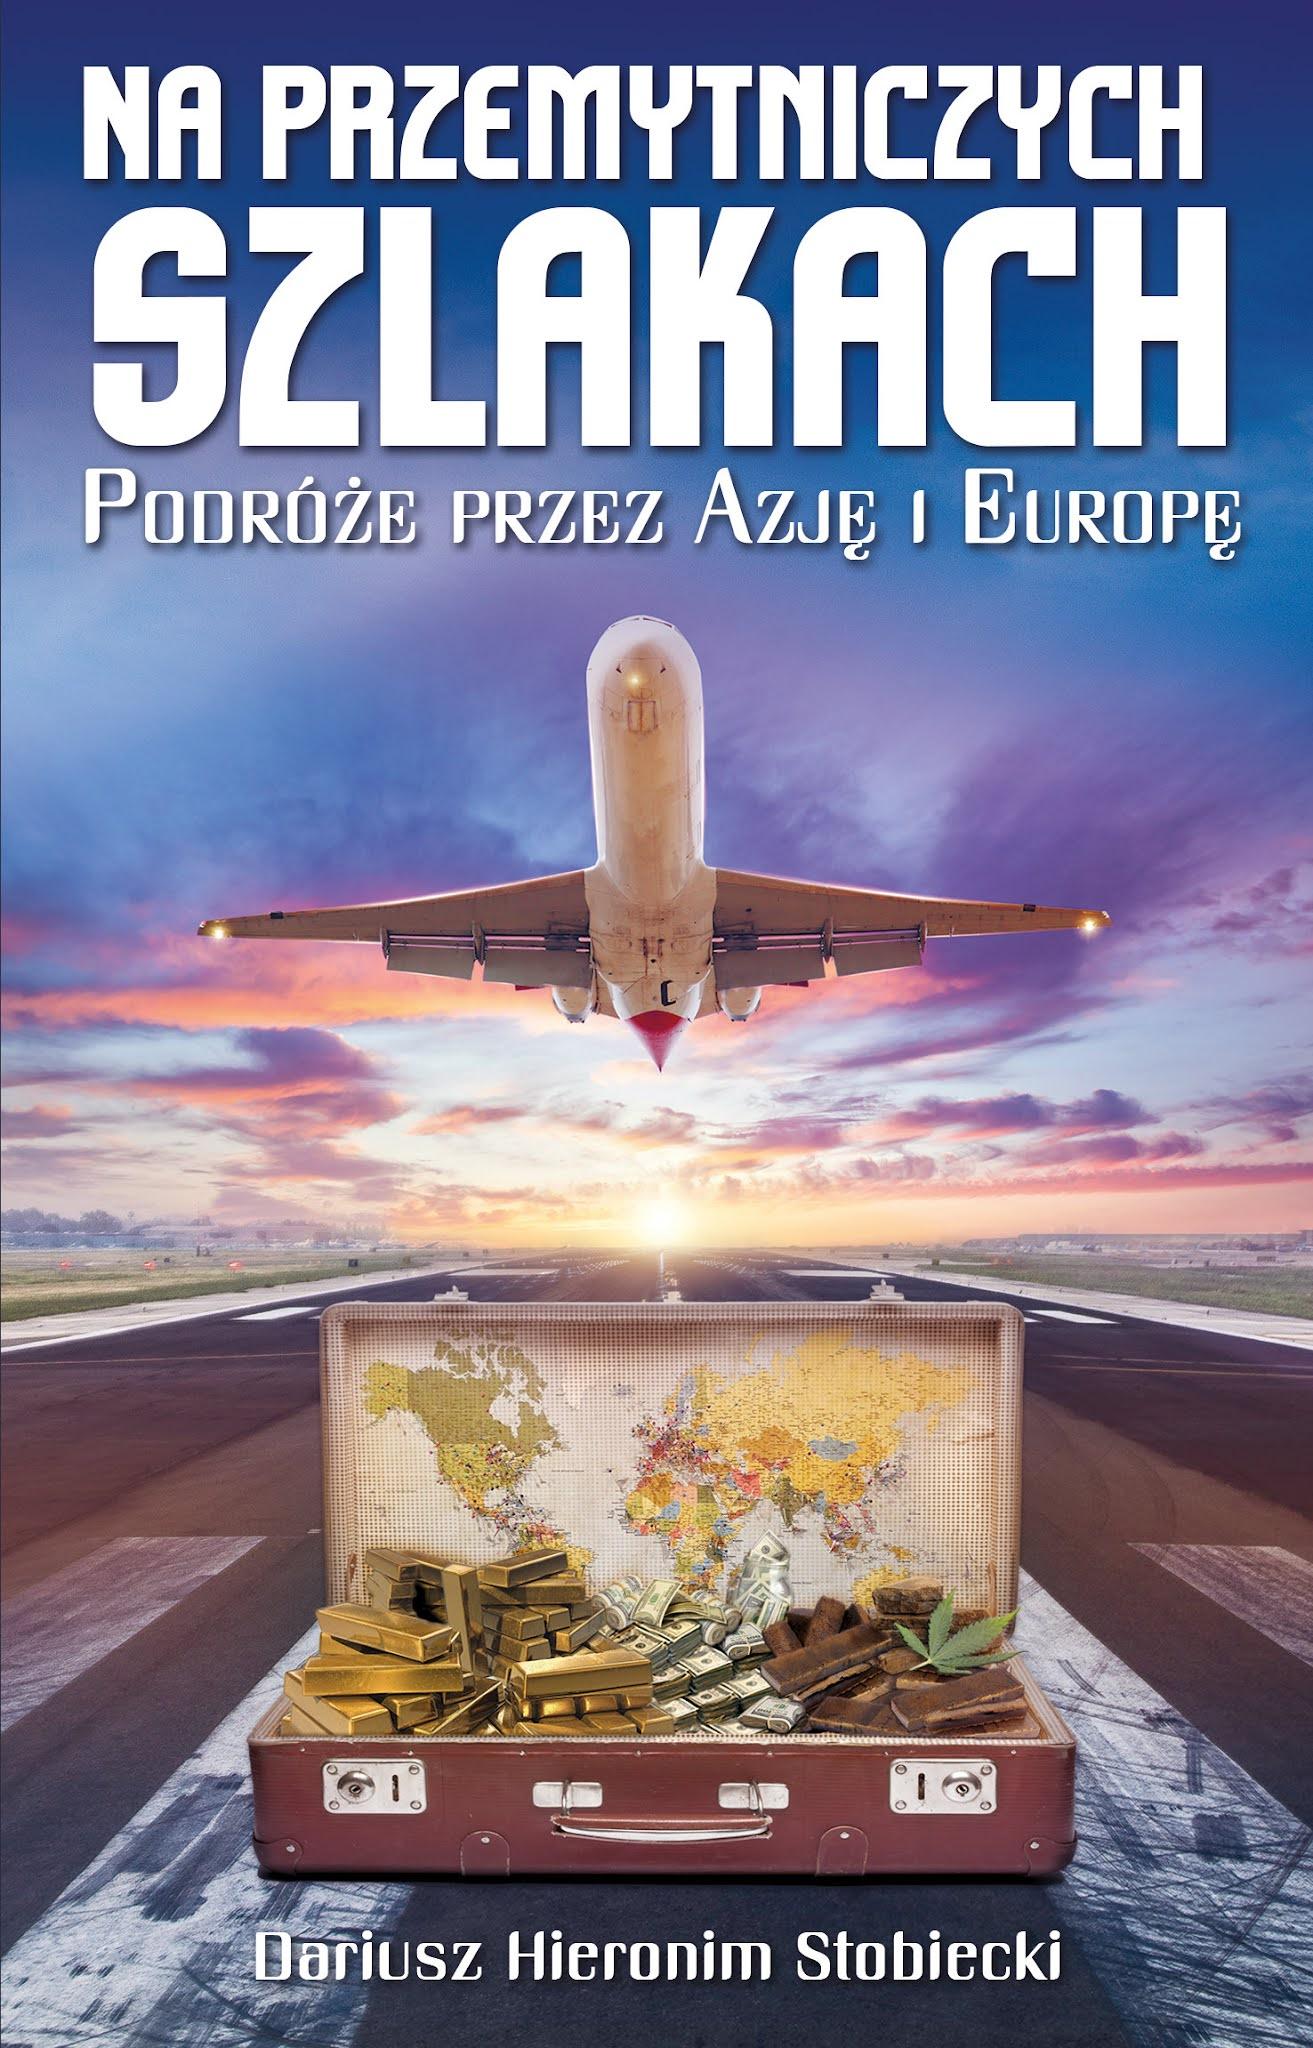 Na przemytniczych szlakach. Podróże przez Azję i Europę - Dariusz Hieronim Stobiecki książka okładka przód